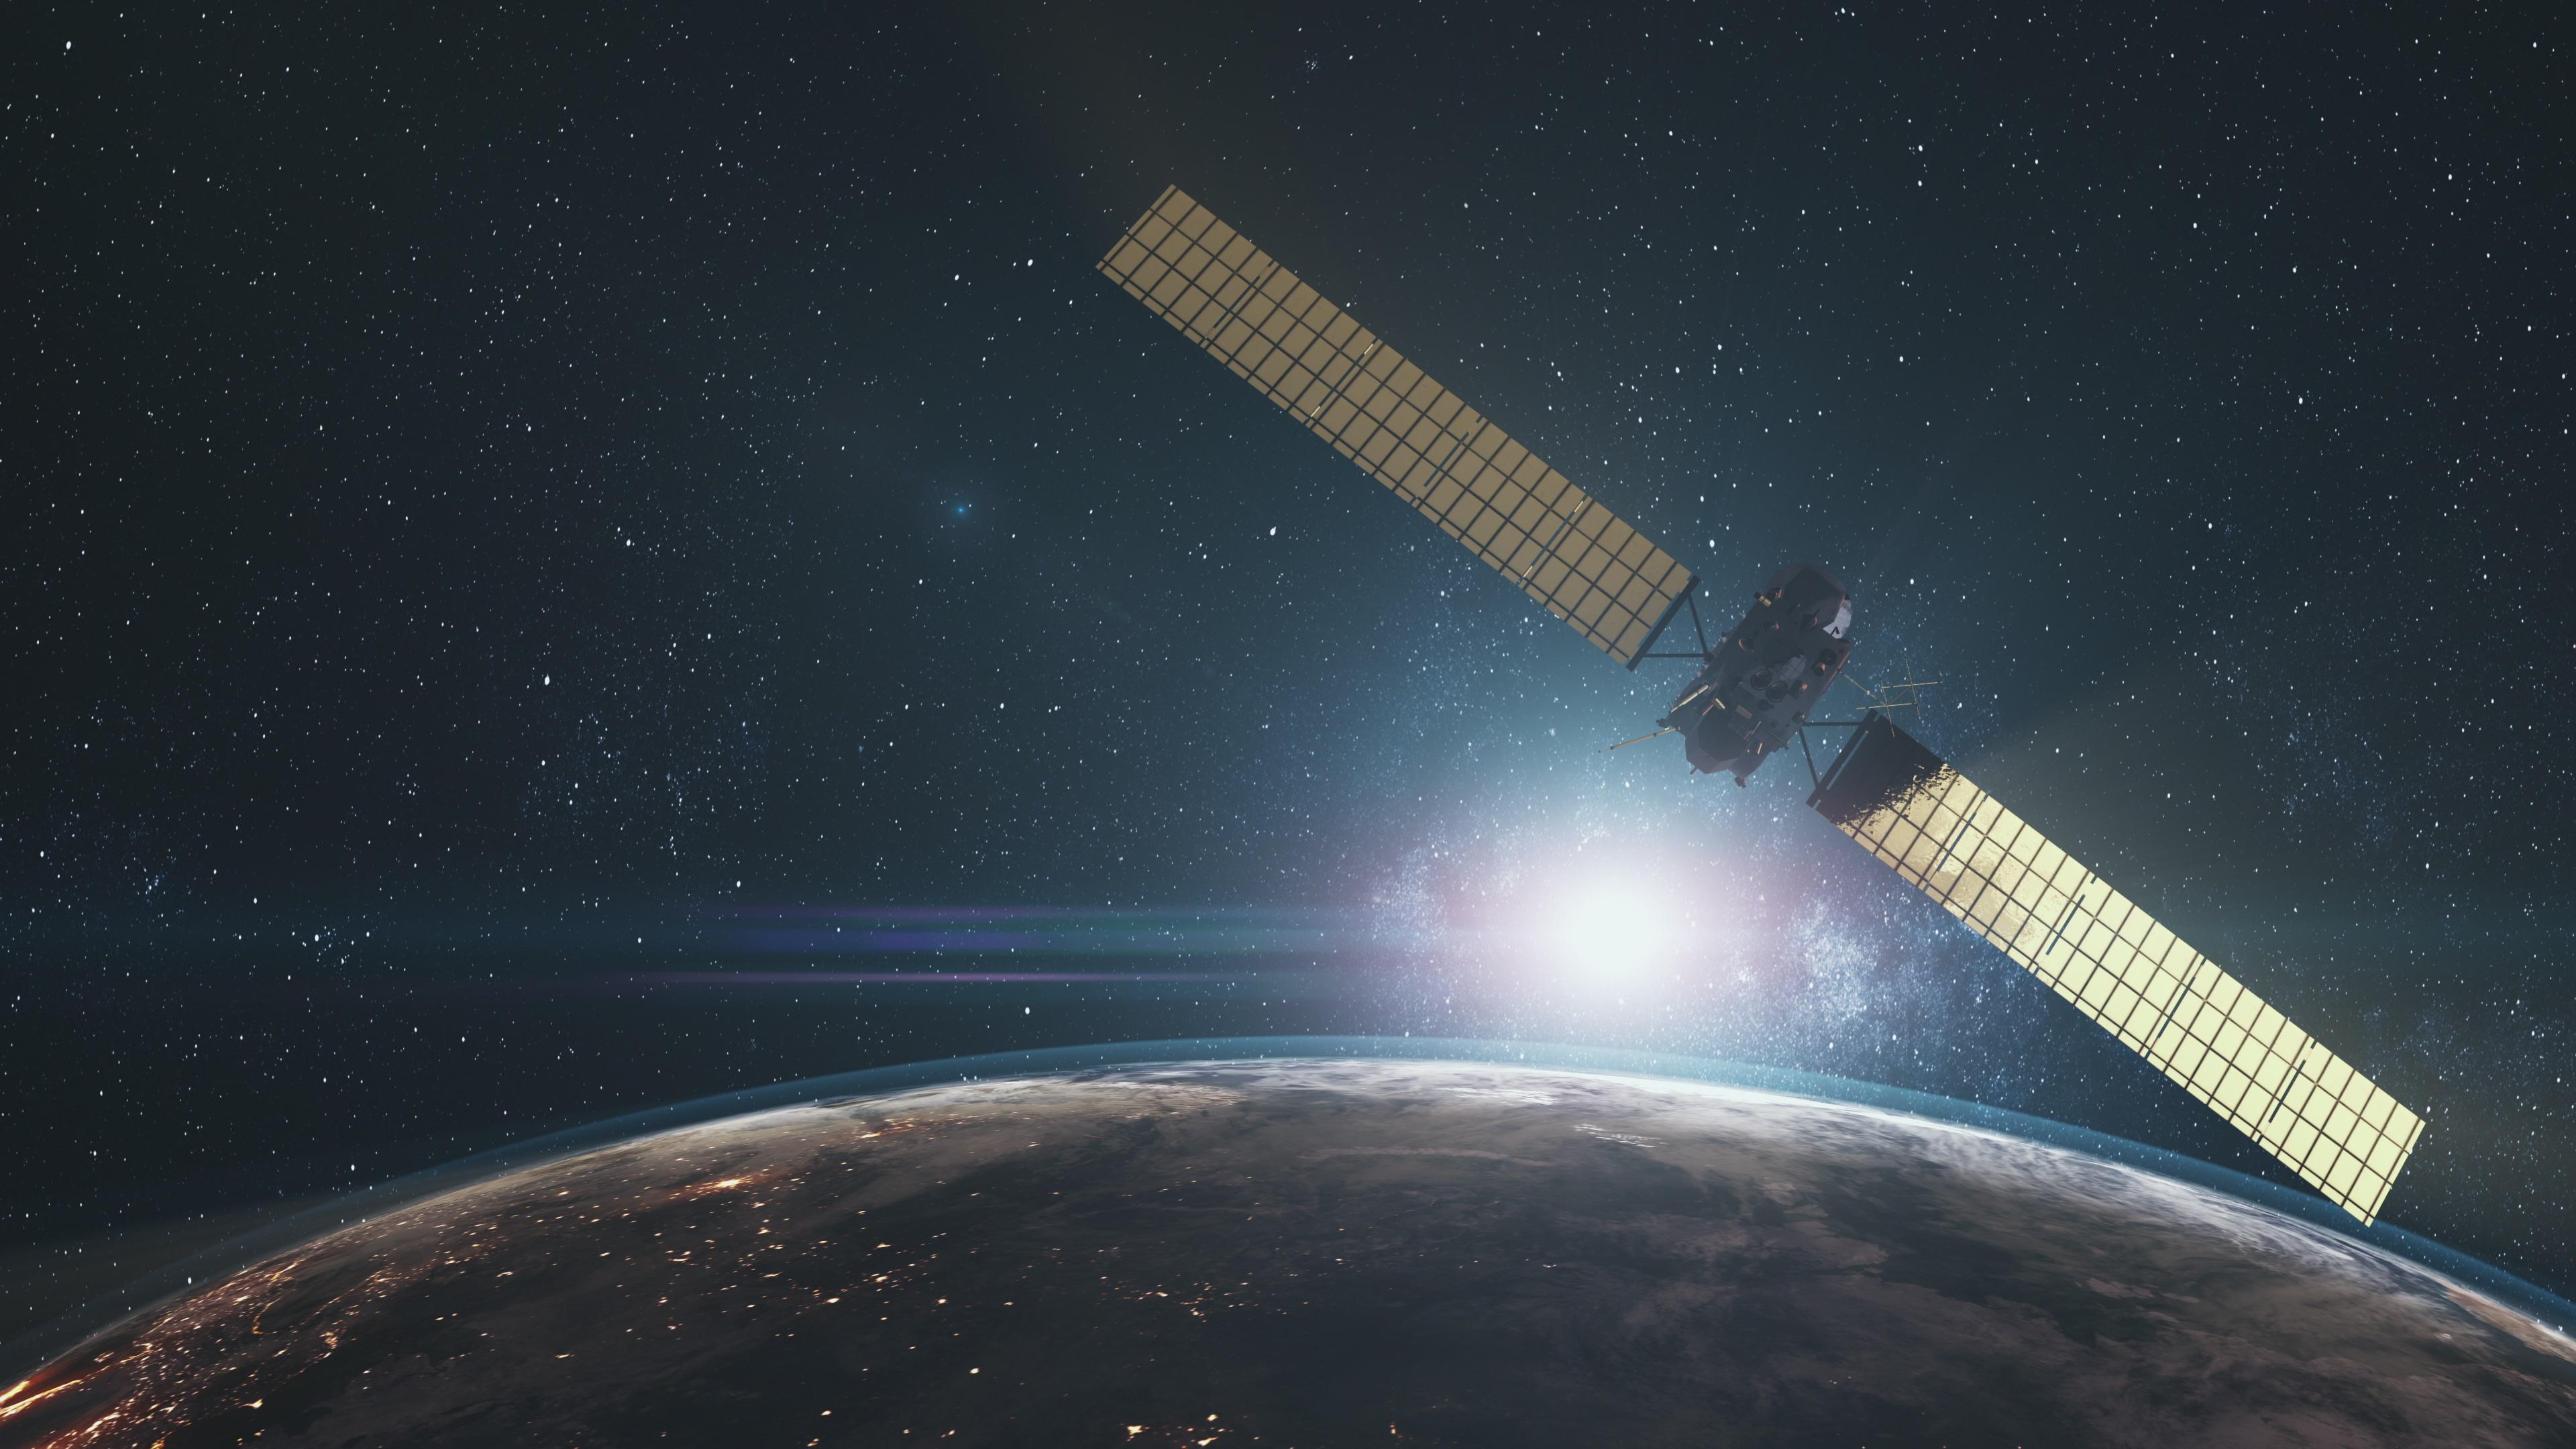 Fostering space entrepreneurship through strong alliances